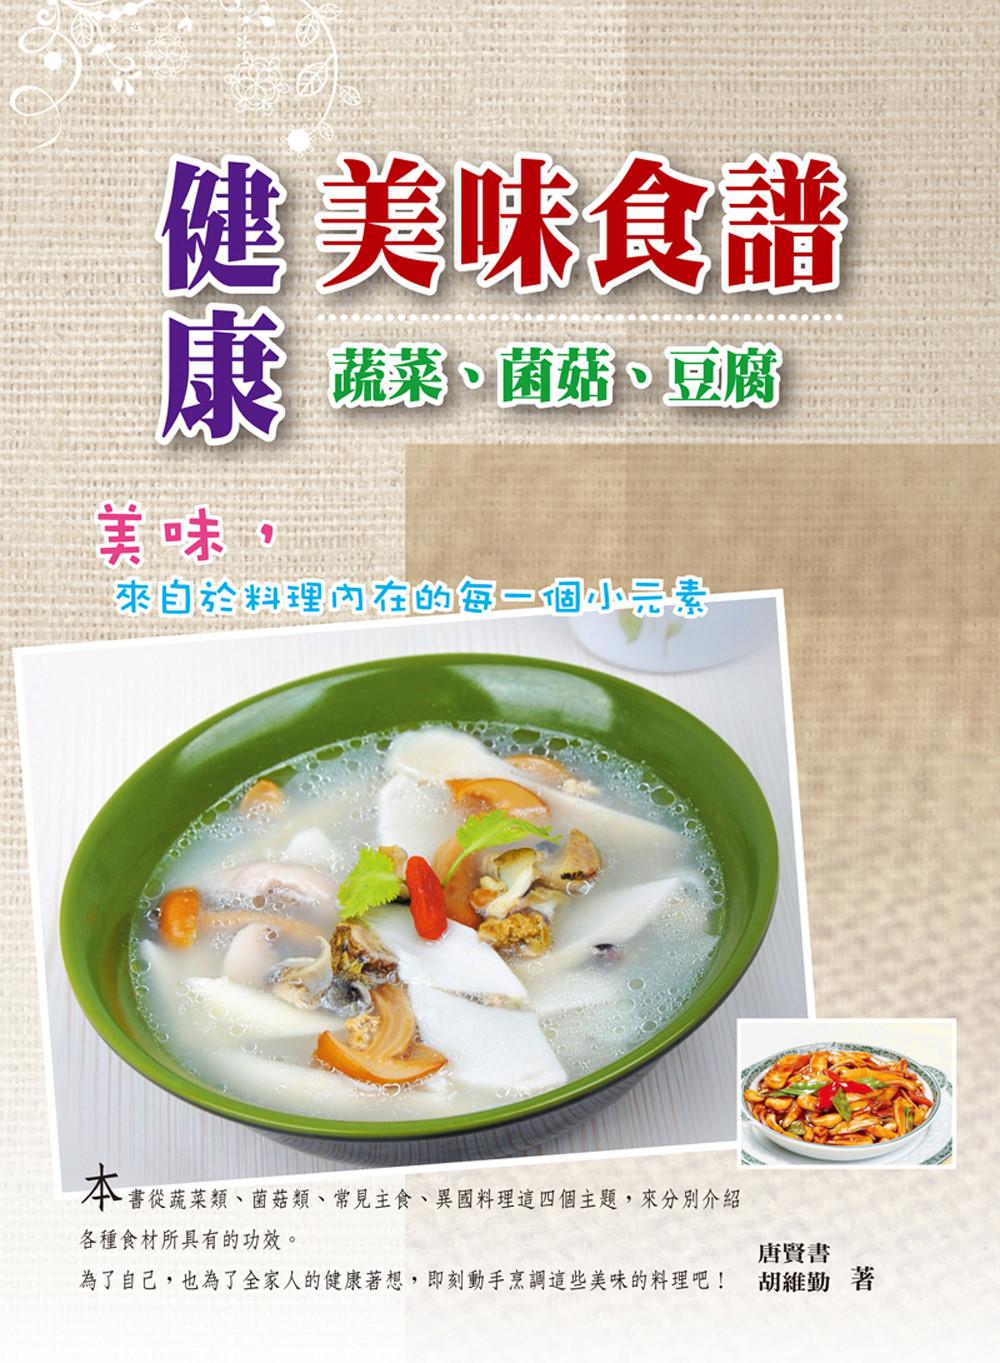 健康美味食譜:蔬菜.菌菇.豆腐